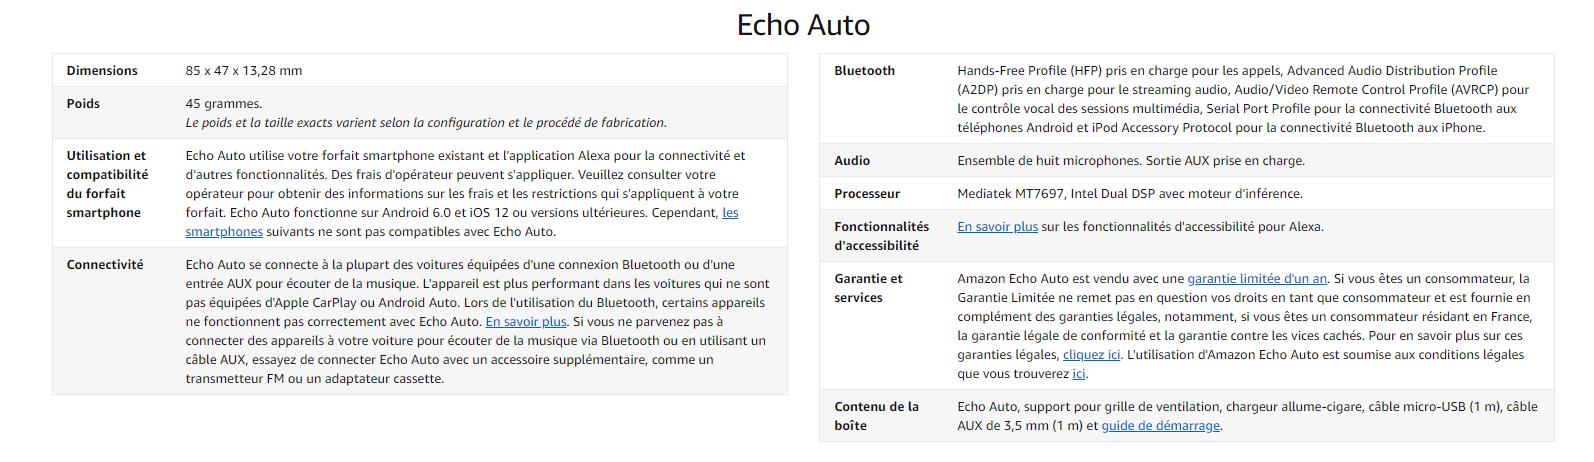 Caractéristiques technique Auto Echo